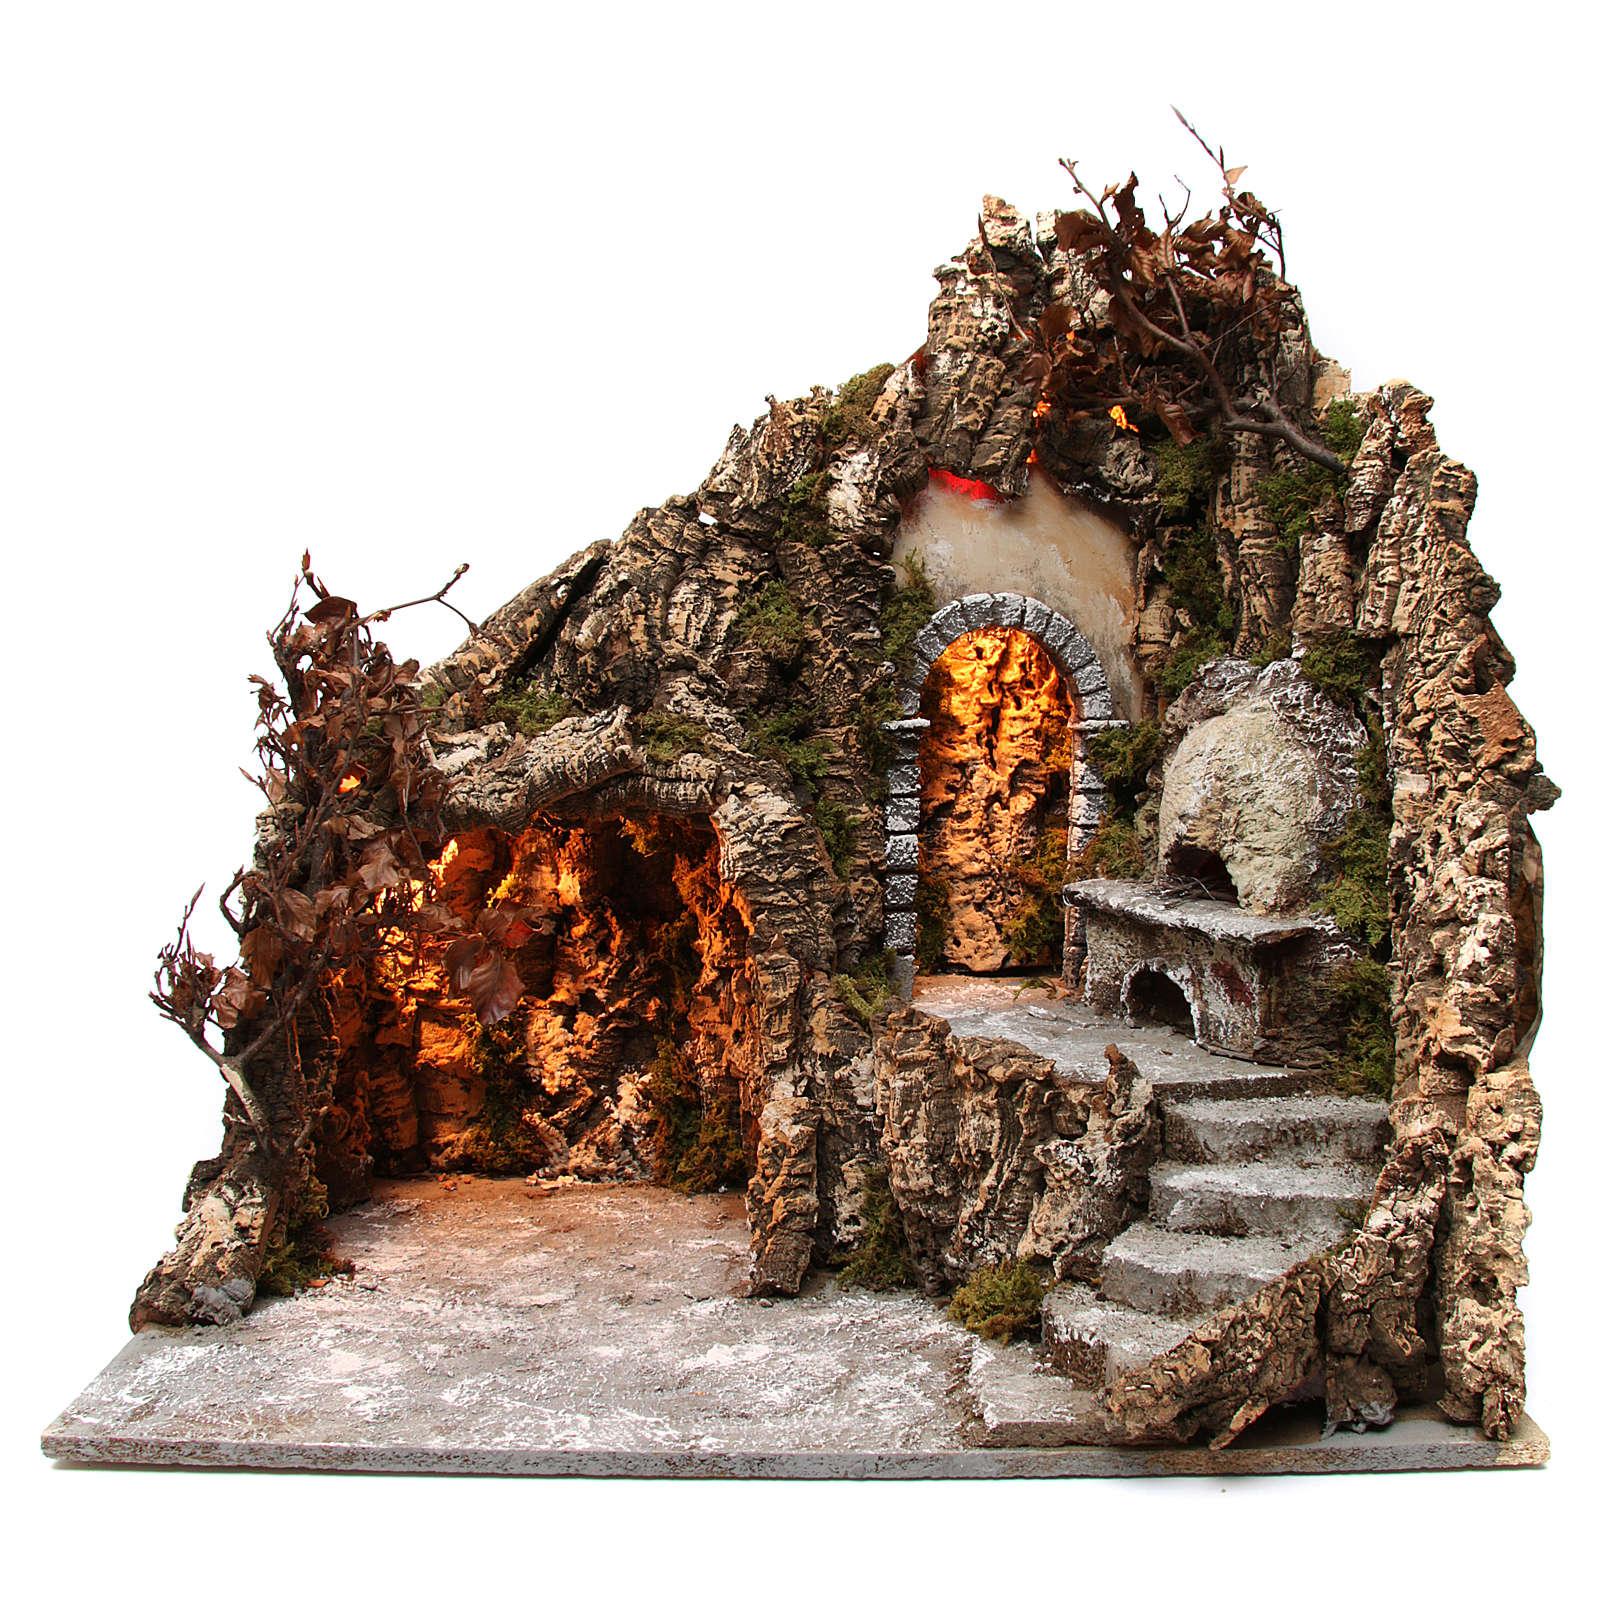 Szene der Krippe mit Grotte und Backofen 60x70x55cm neapolitanische Krippe 4